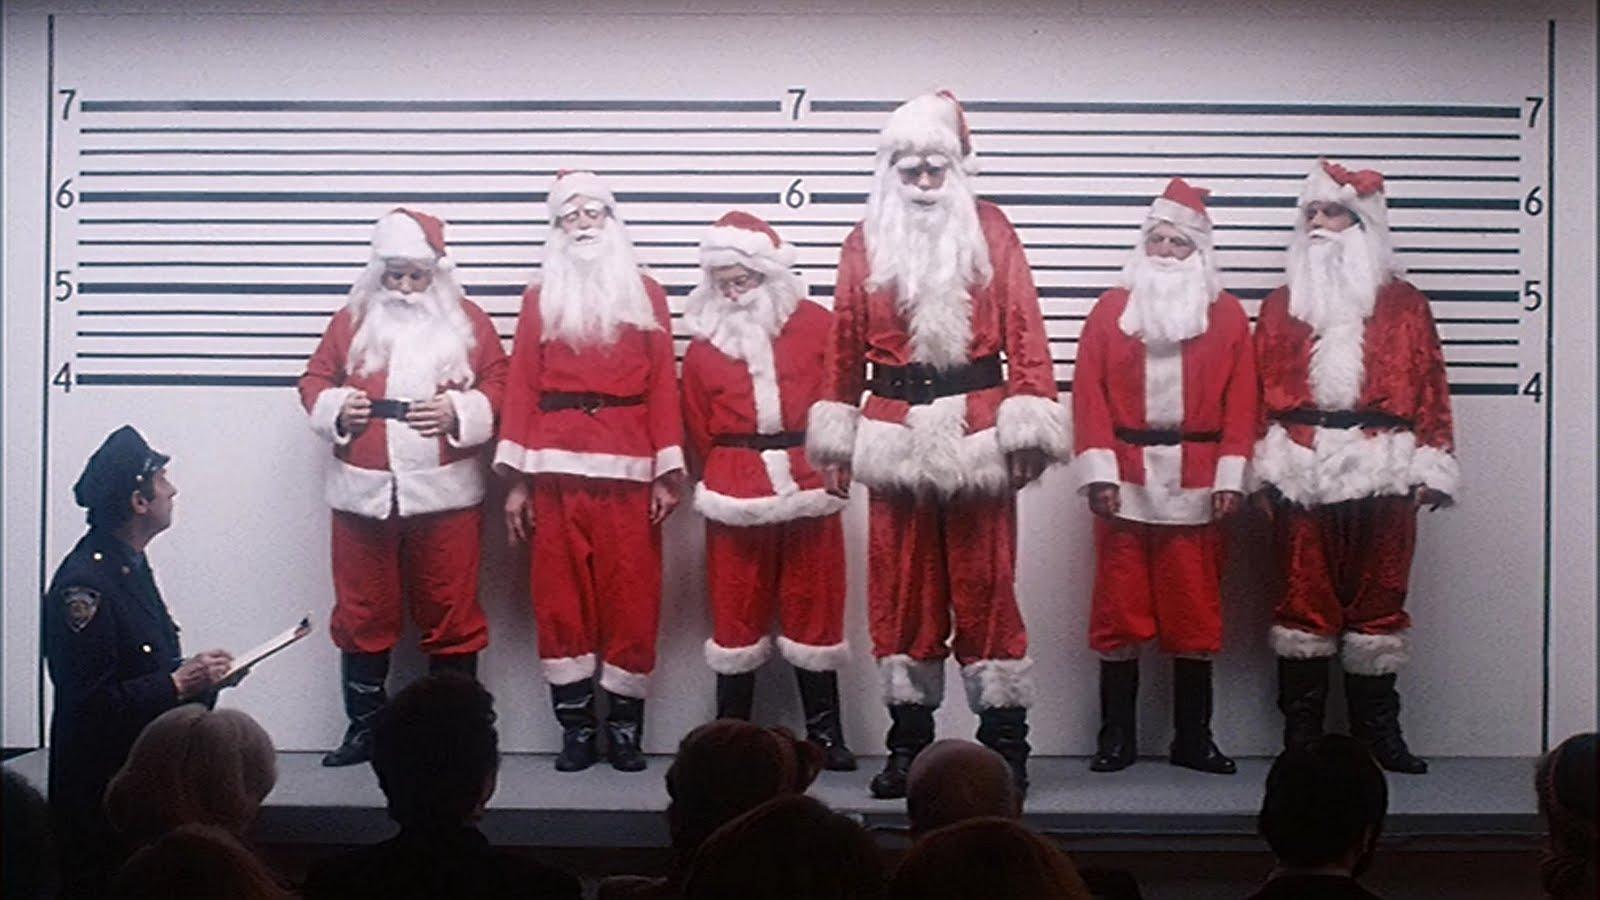 Christmas-Evil.jpg